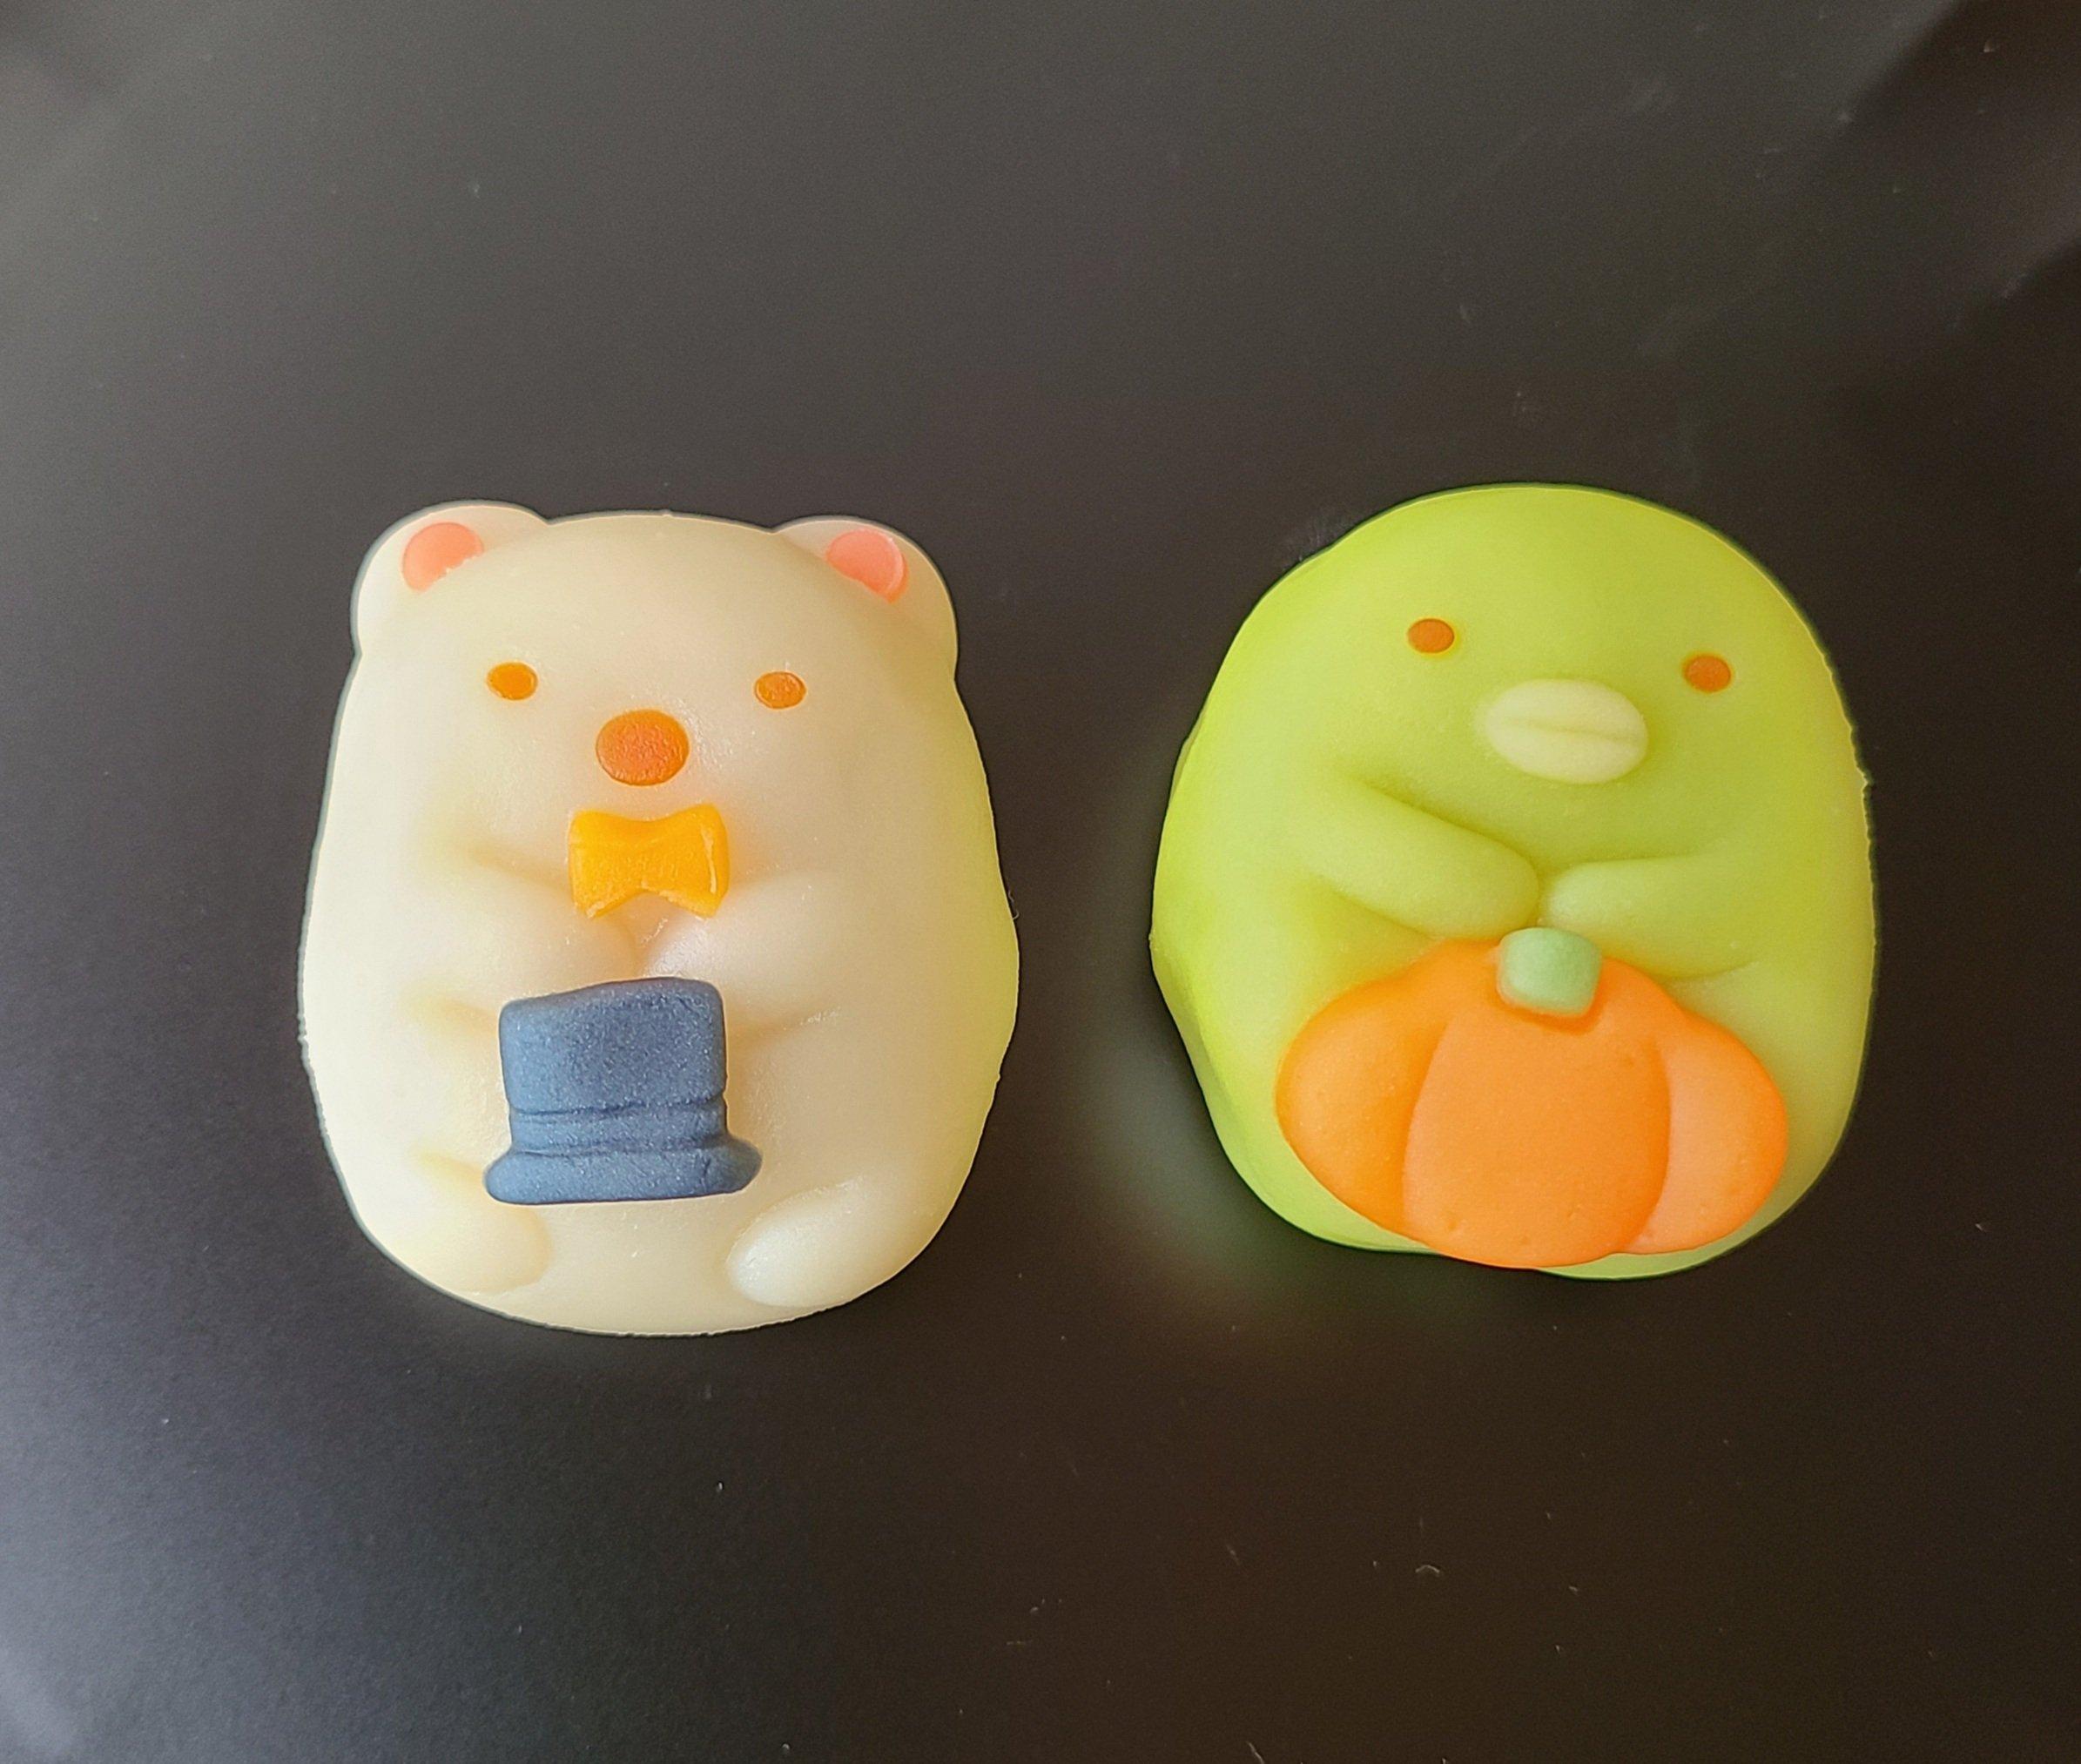 「すみっコぐらし」の和菓子をレポート。ふだん和菓子に食べない方へおすすめしたい